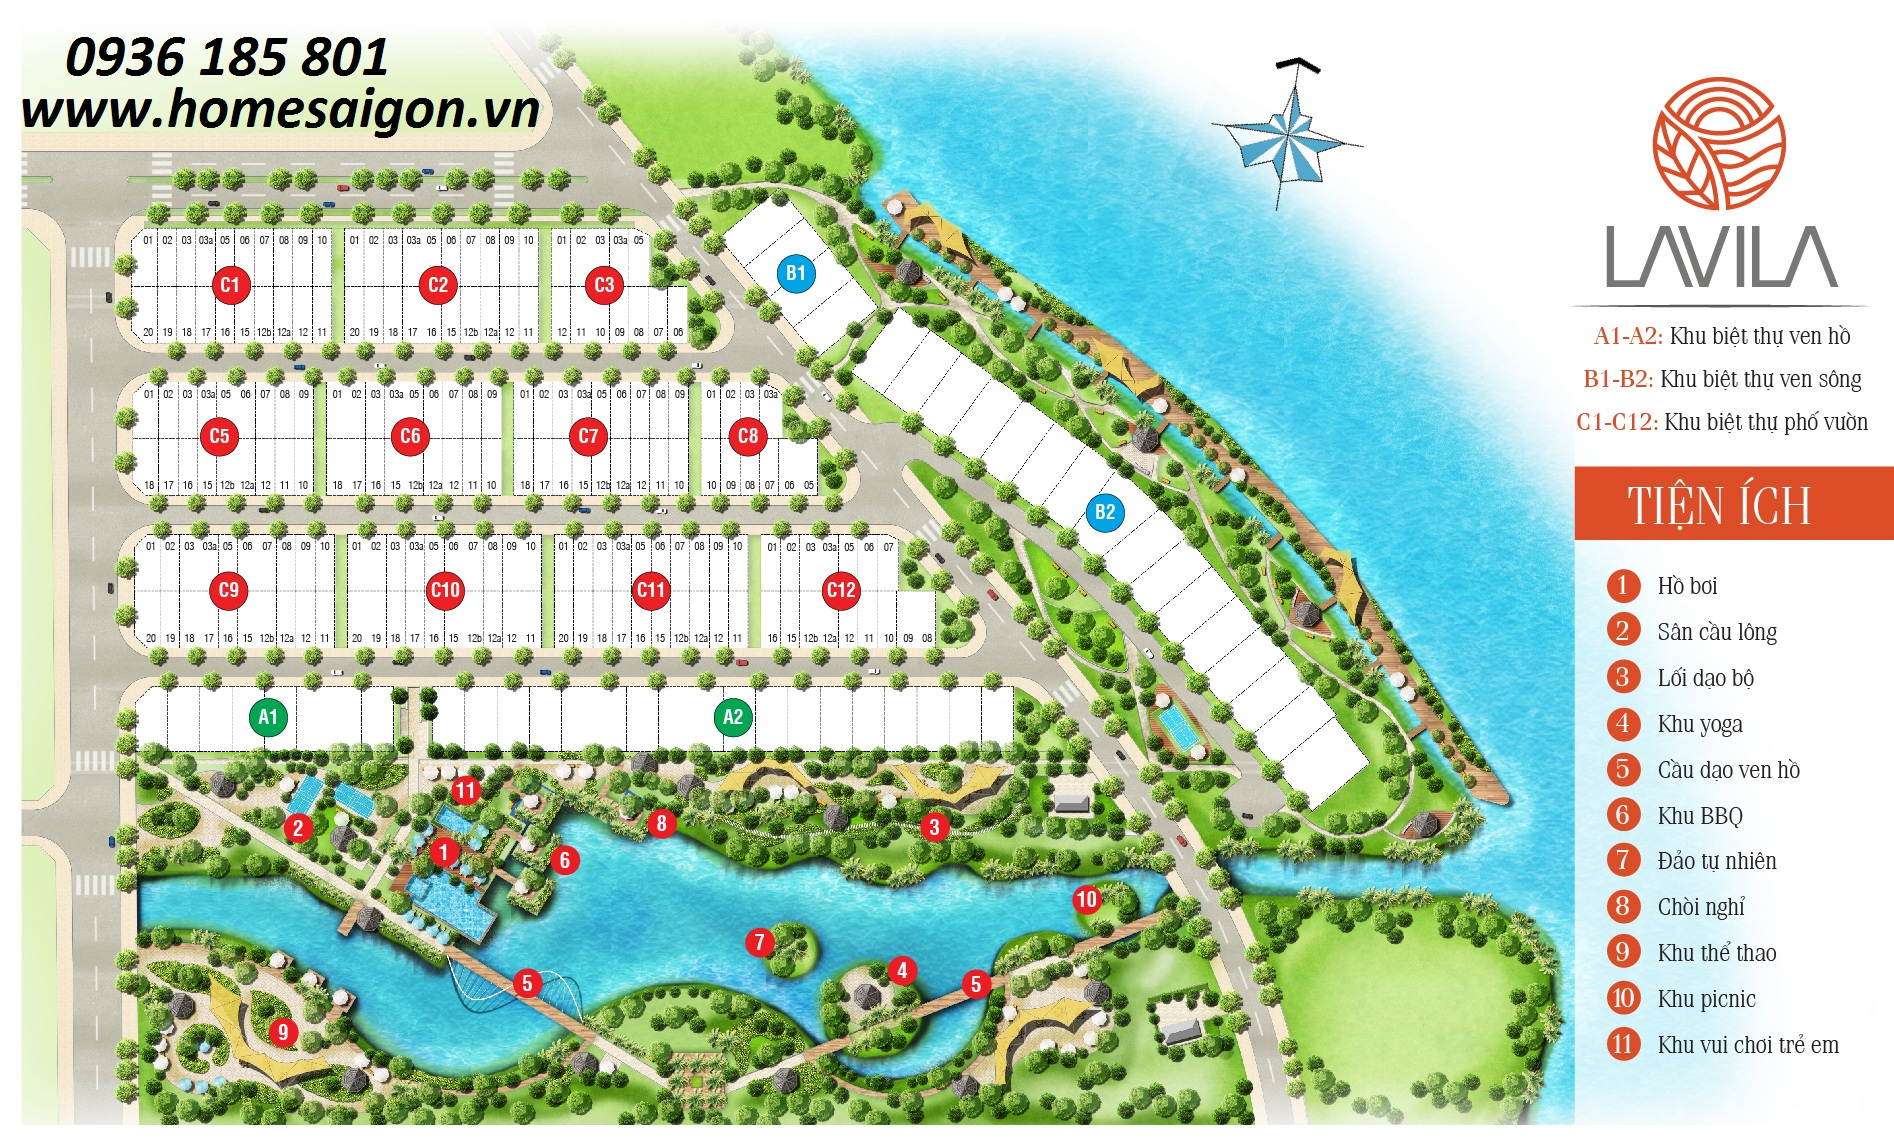 Mặt bằng tiện ích nội khu dự án Lavila Kiến Á, Nhà Bè